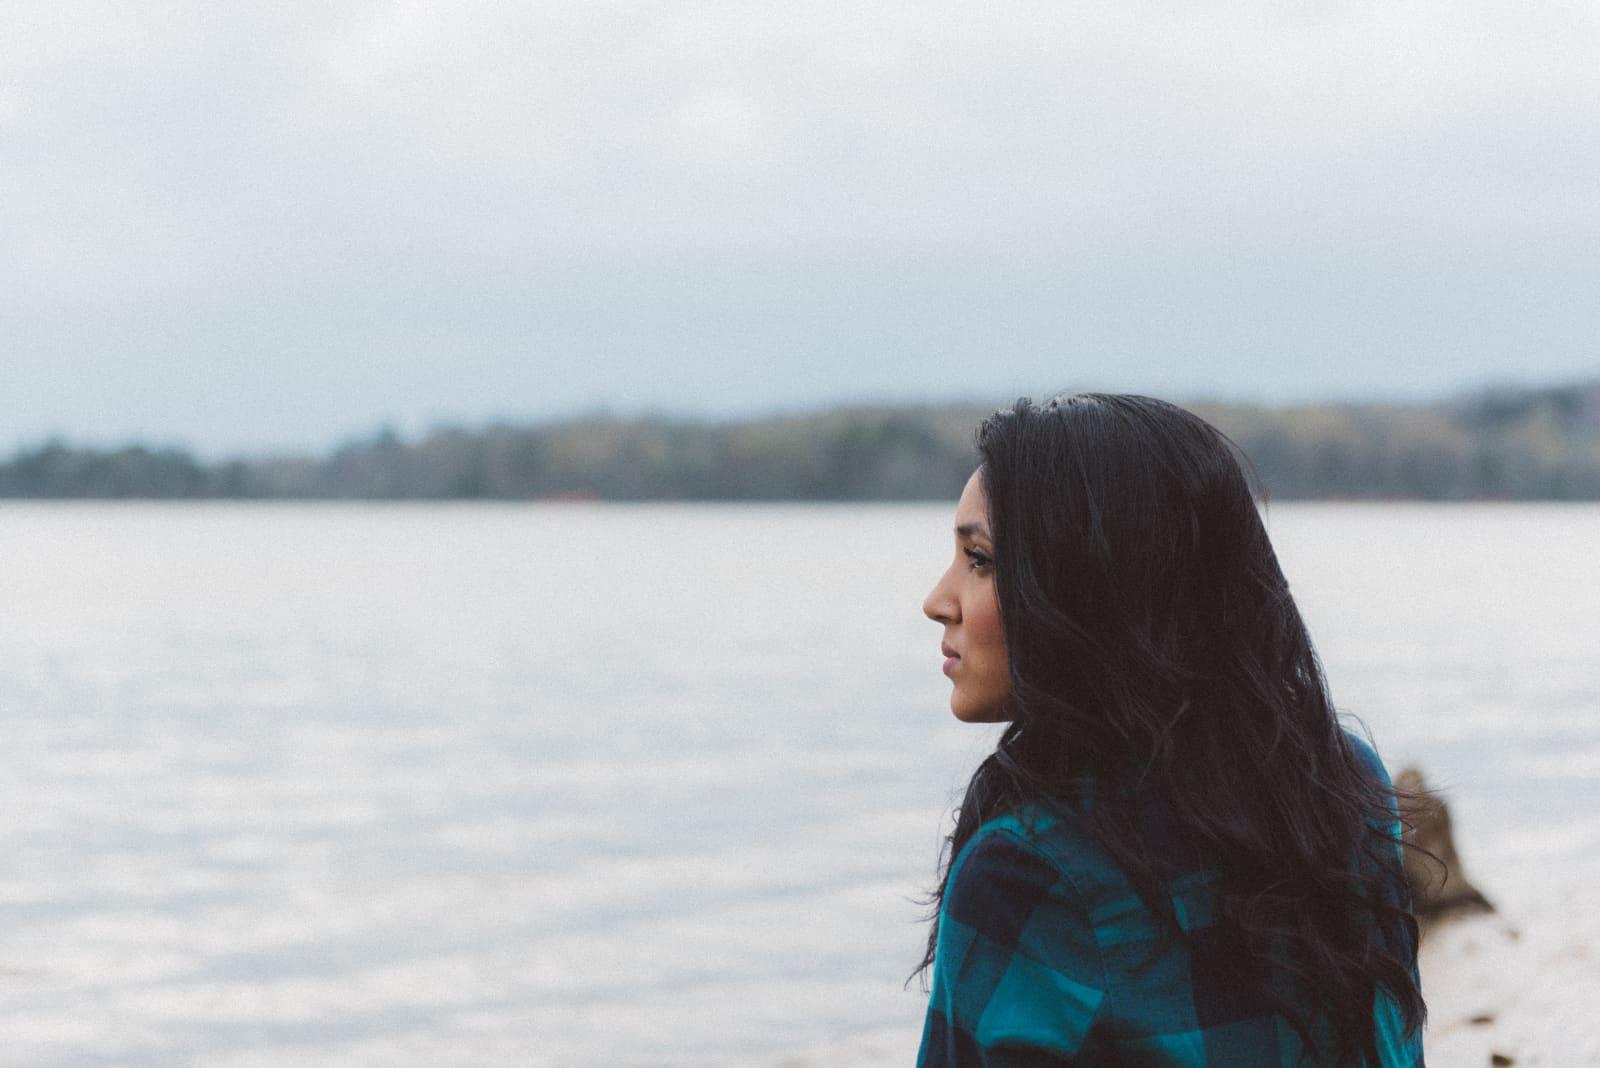 femme sérieuse avec des cheveux noirs debout près de l'eau